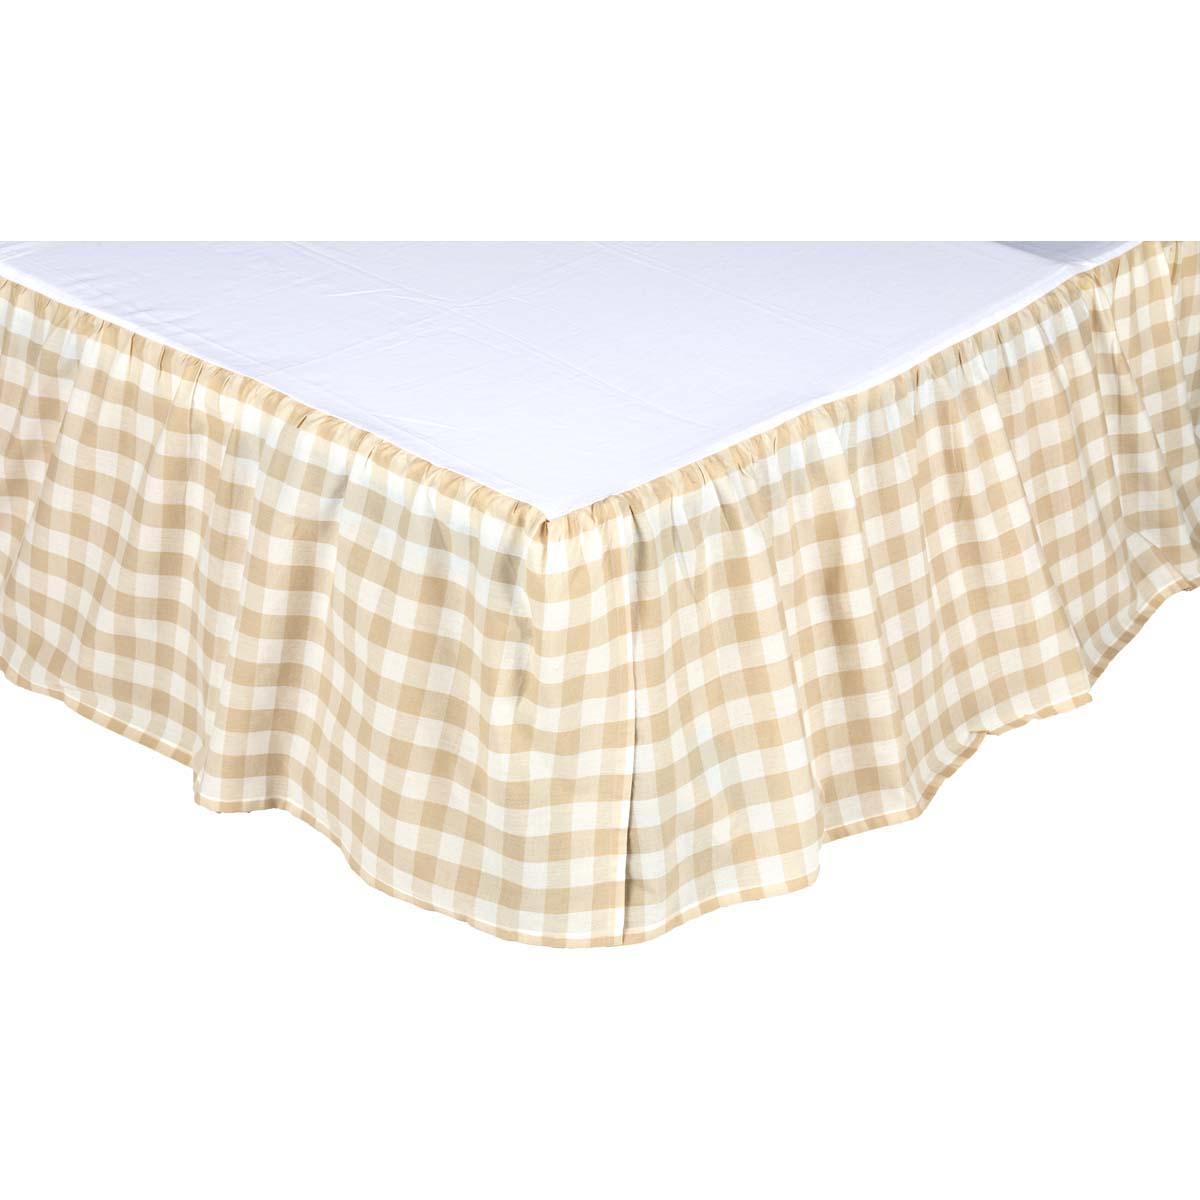 Annie Buffalo Tan Check King Bed Skirt 78x80x16